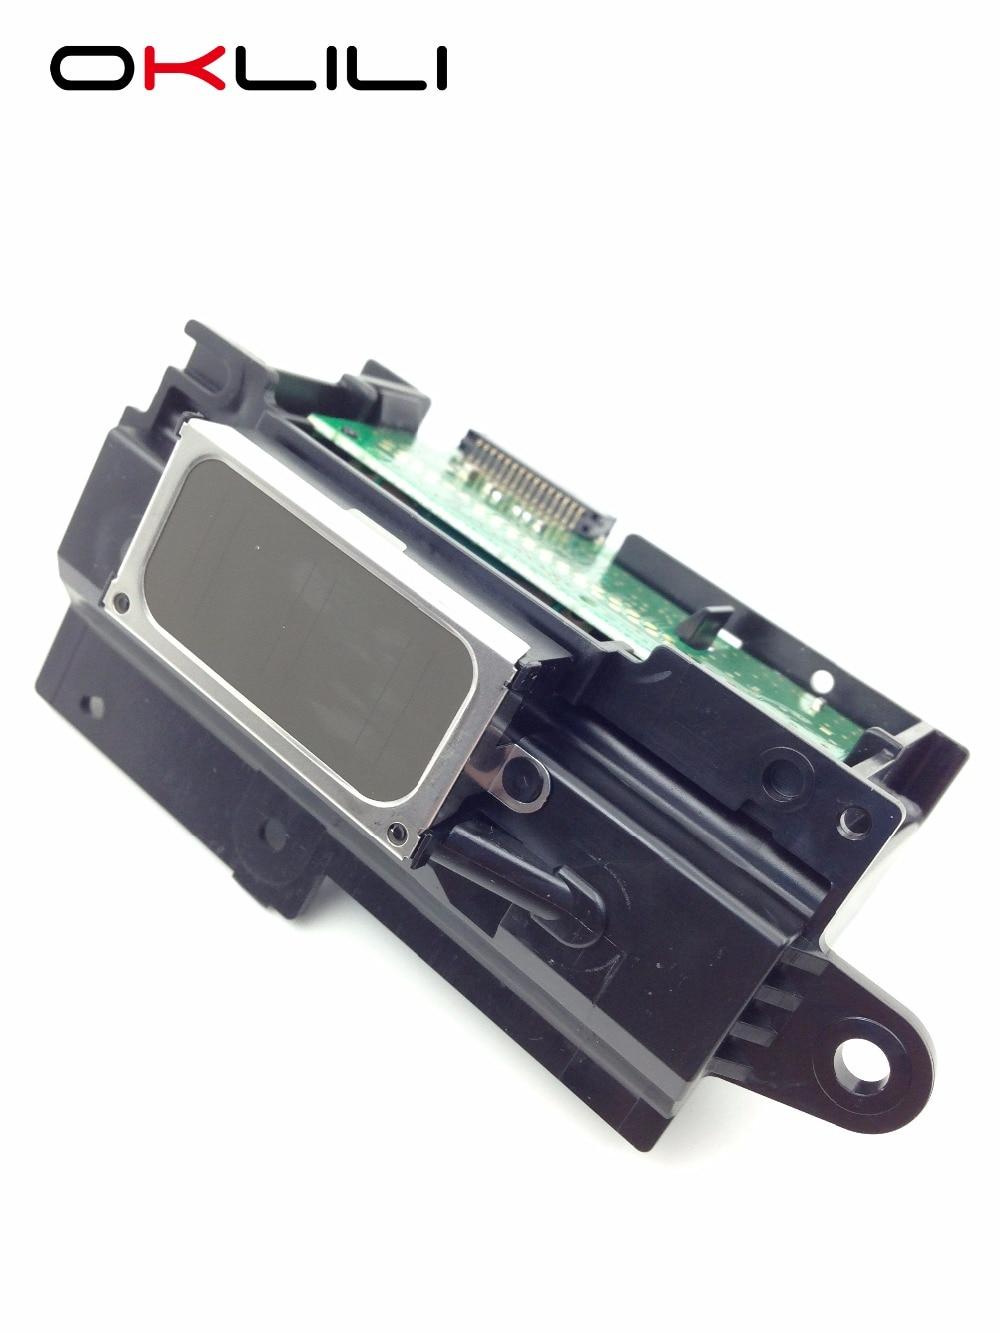 オリジナル新しいF094000 F094001 F094010プリントヘッドプリントヘッドプリンタヘッド用エプソンSTYLUS C60 C62 CX3100 CX3200 I8100 STYC60